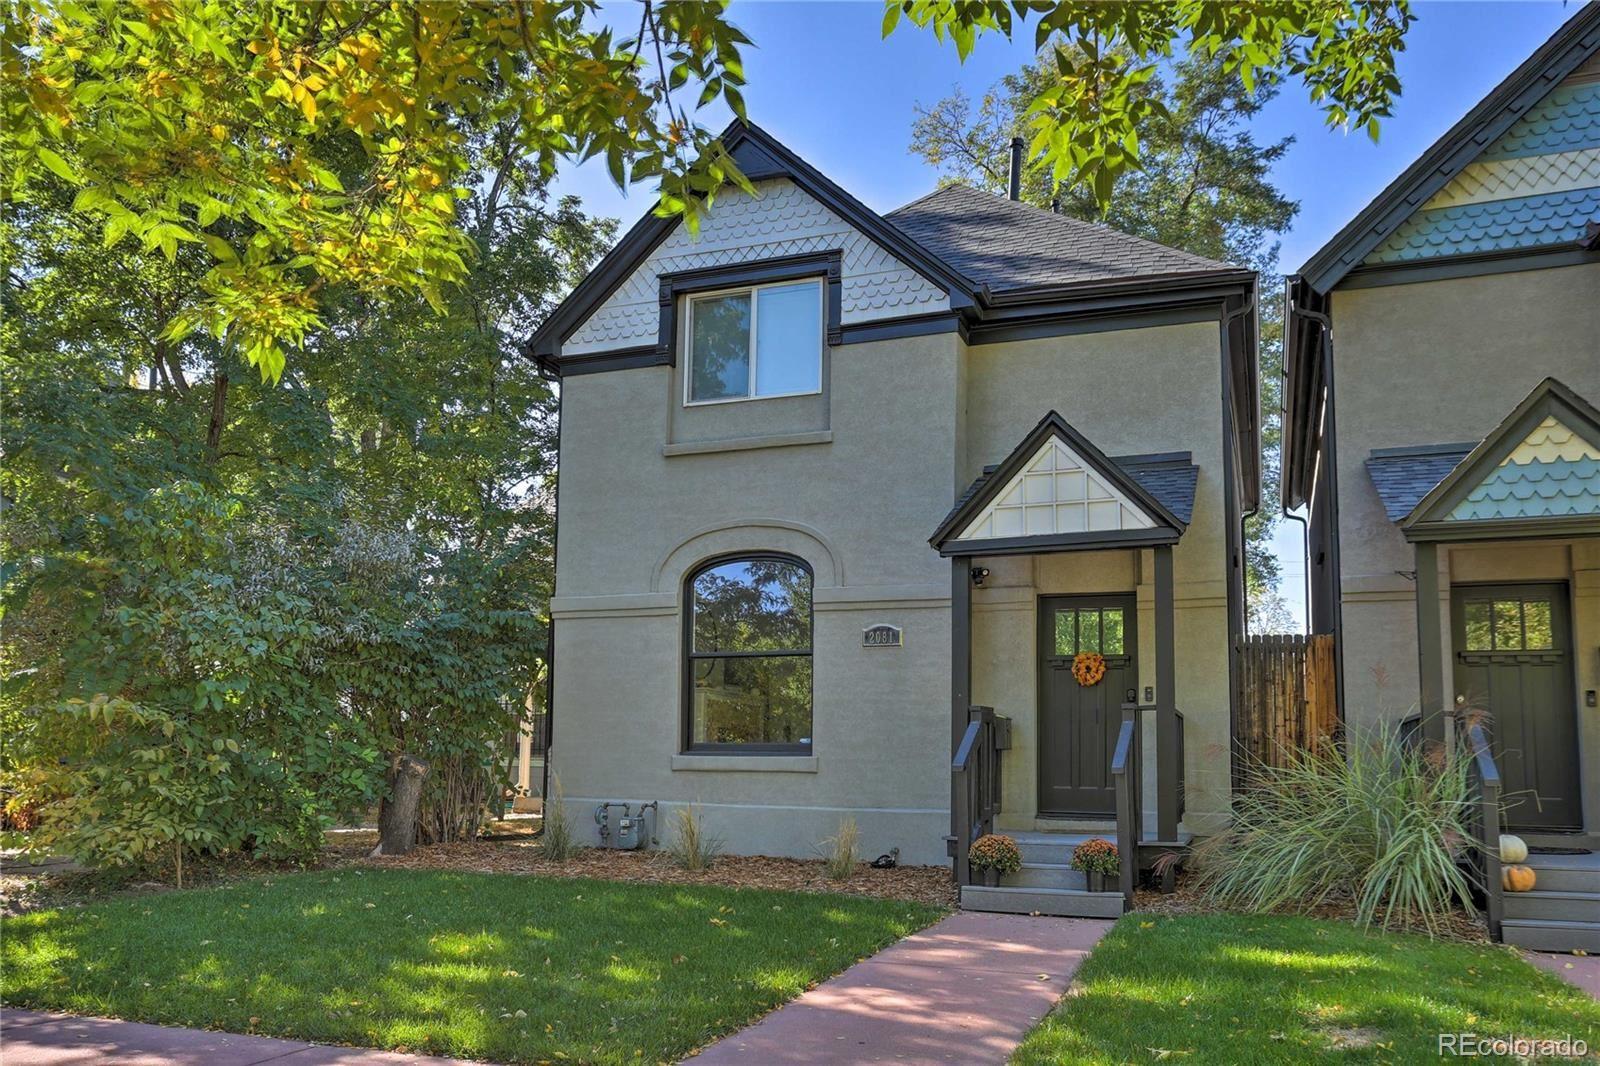 Photo of 2081 N Ogden Street, Denver, CO 80205 (MLS # 2458602)